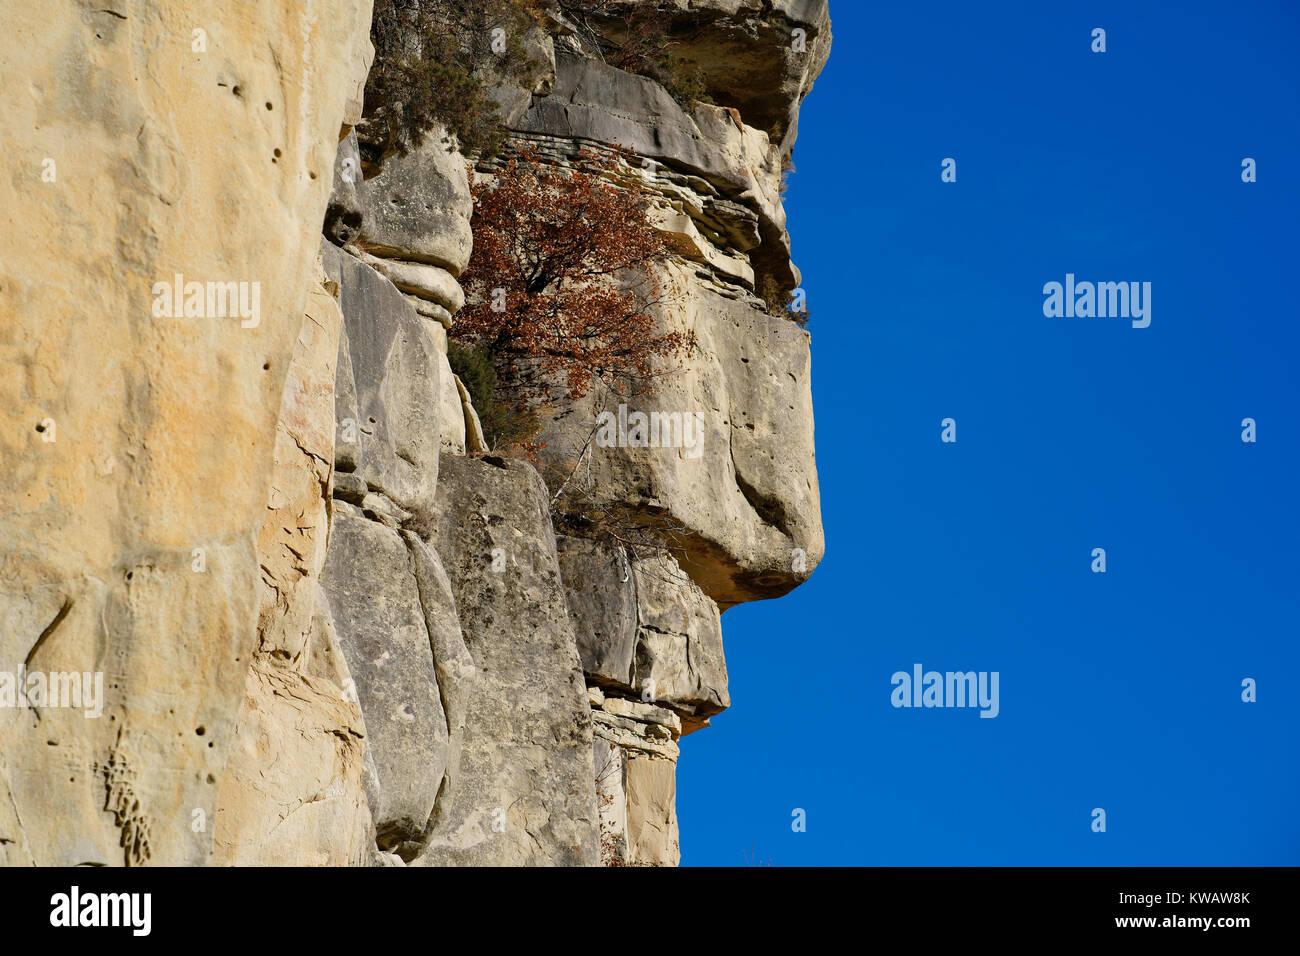 Une formation rocheuse de grès naturel ABSOLUMENT À LA RECHERCHE COMME UN HOMME'S PROFILE. Annot, Photo Stock